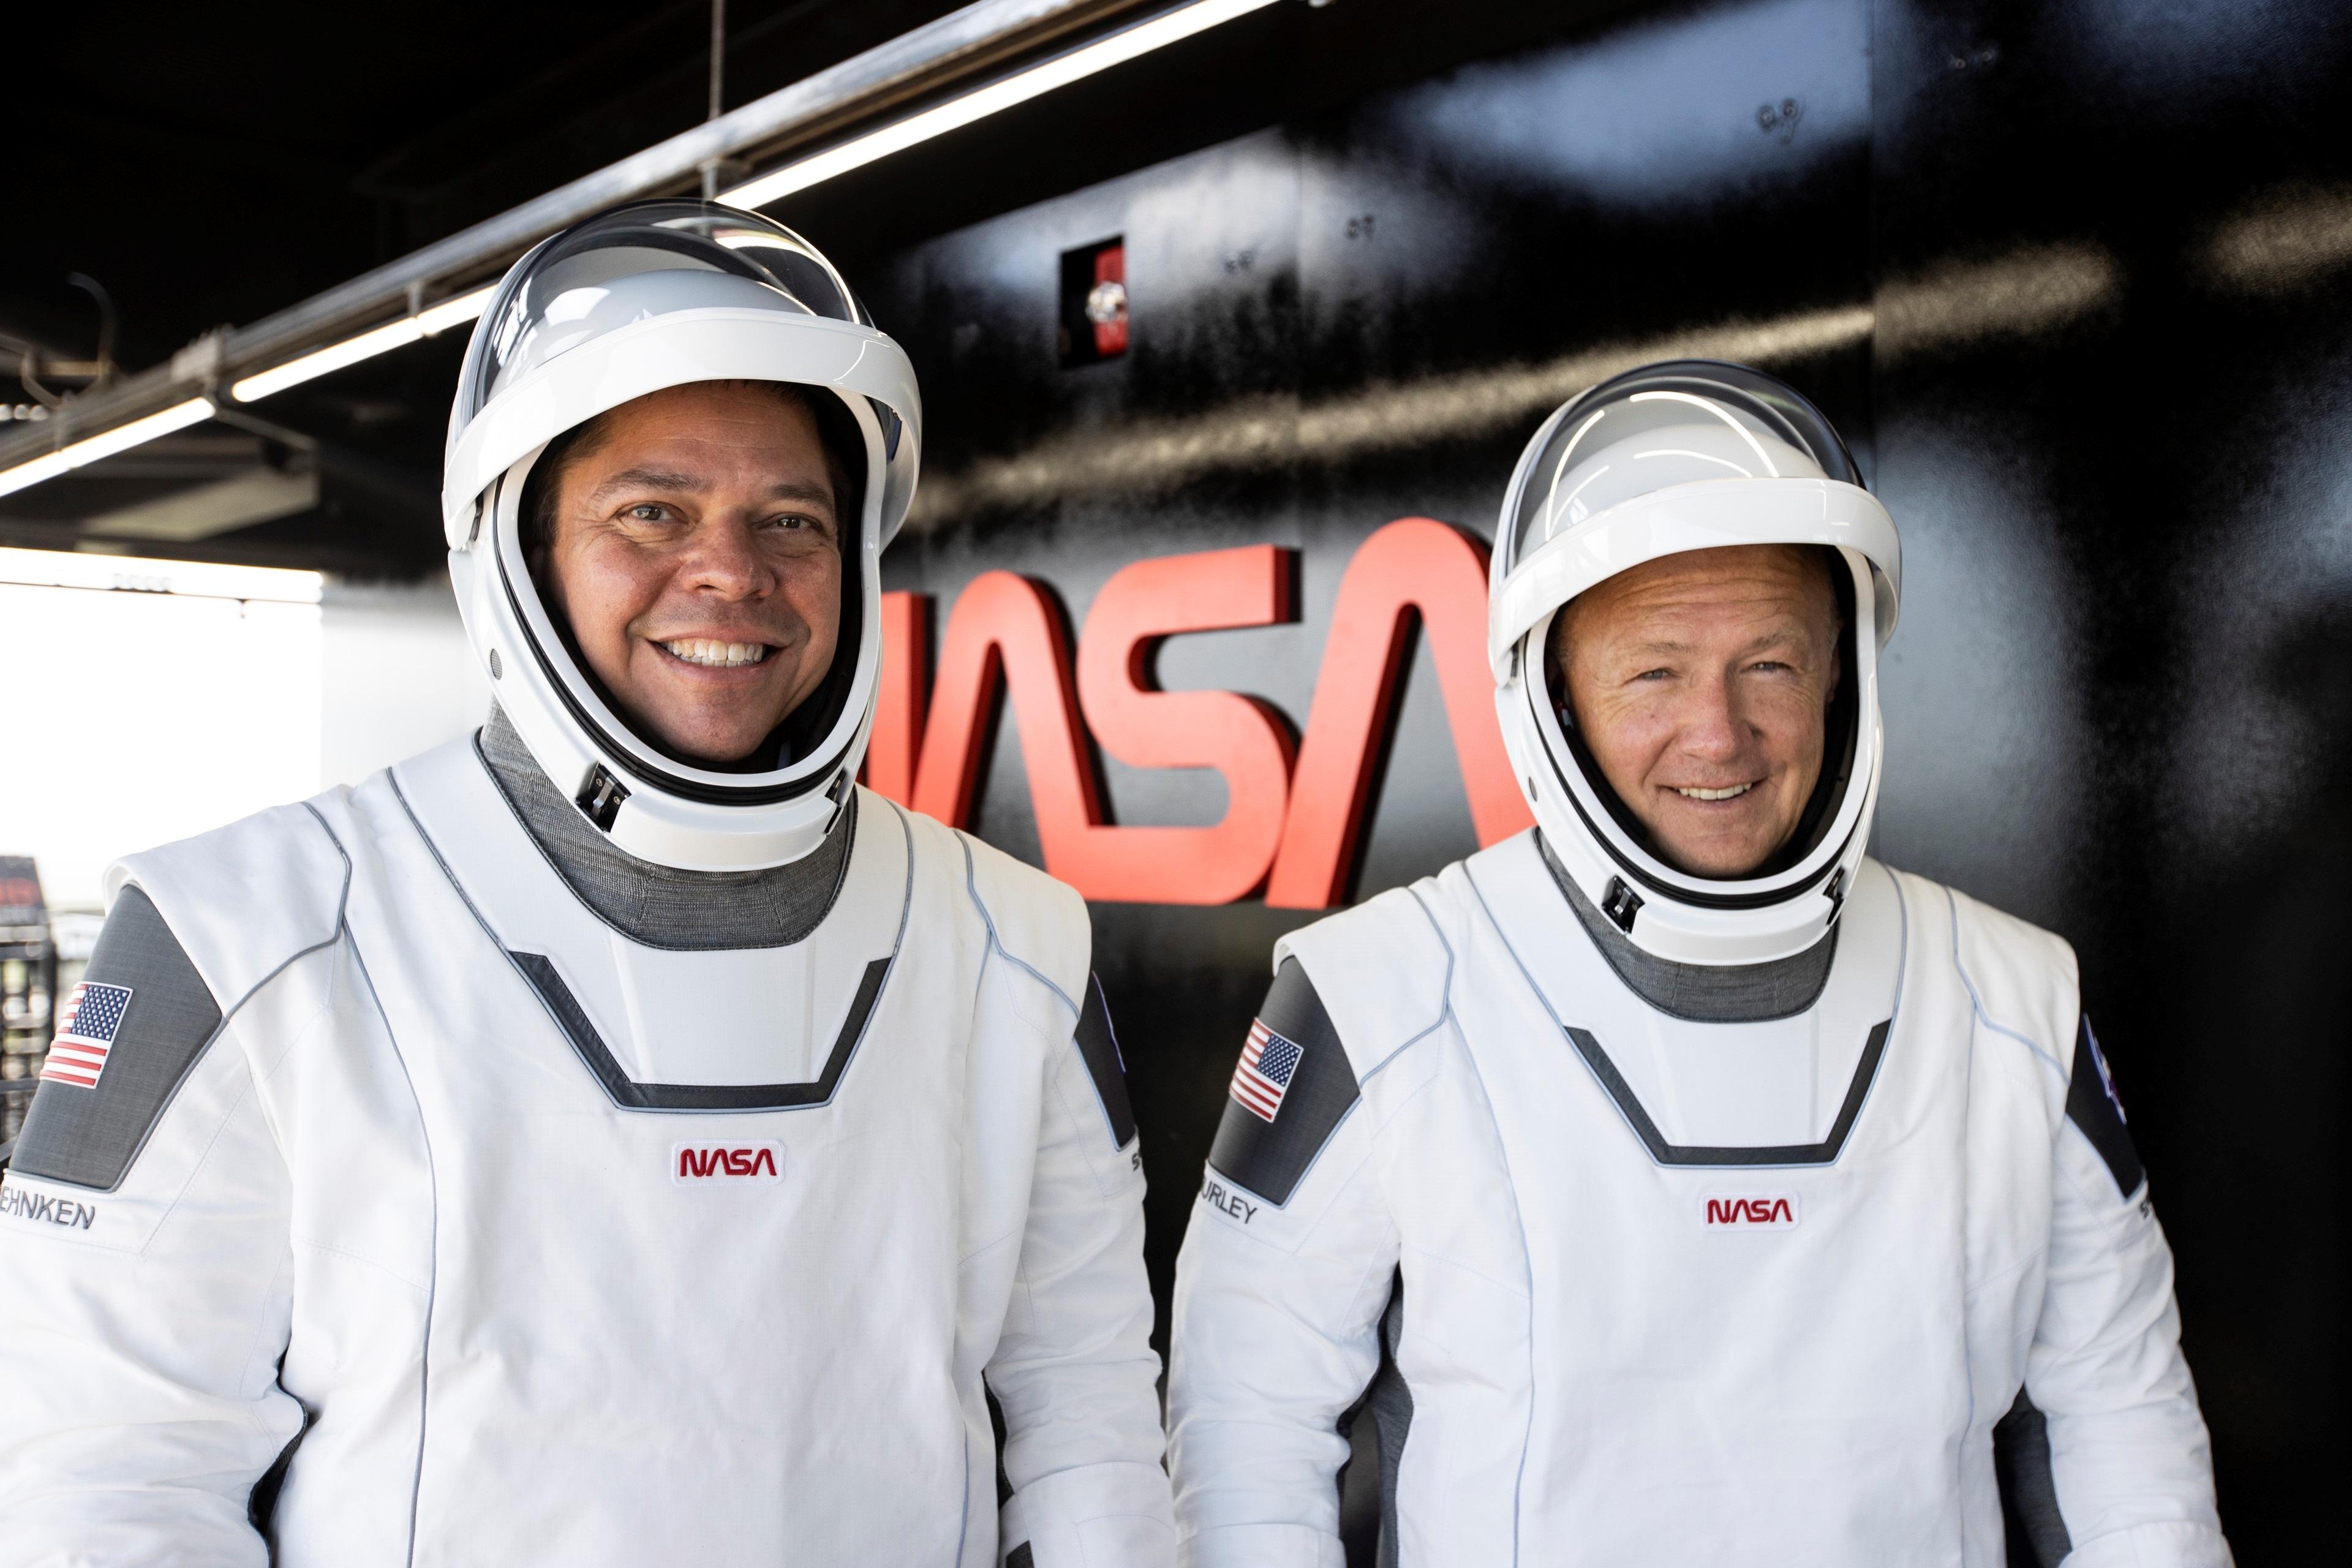 Los astronautas de la NASA Bob Behnken (i) y Doug Hurley (d) durante los entrenamientos y pruebas para la misión Demo-2 en el Centro Espacial Kennedy, en Cabo Cañaveral (EFE/SpaceX)